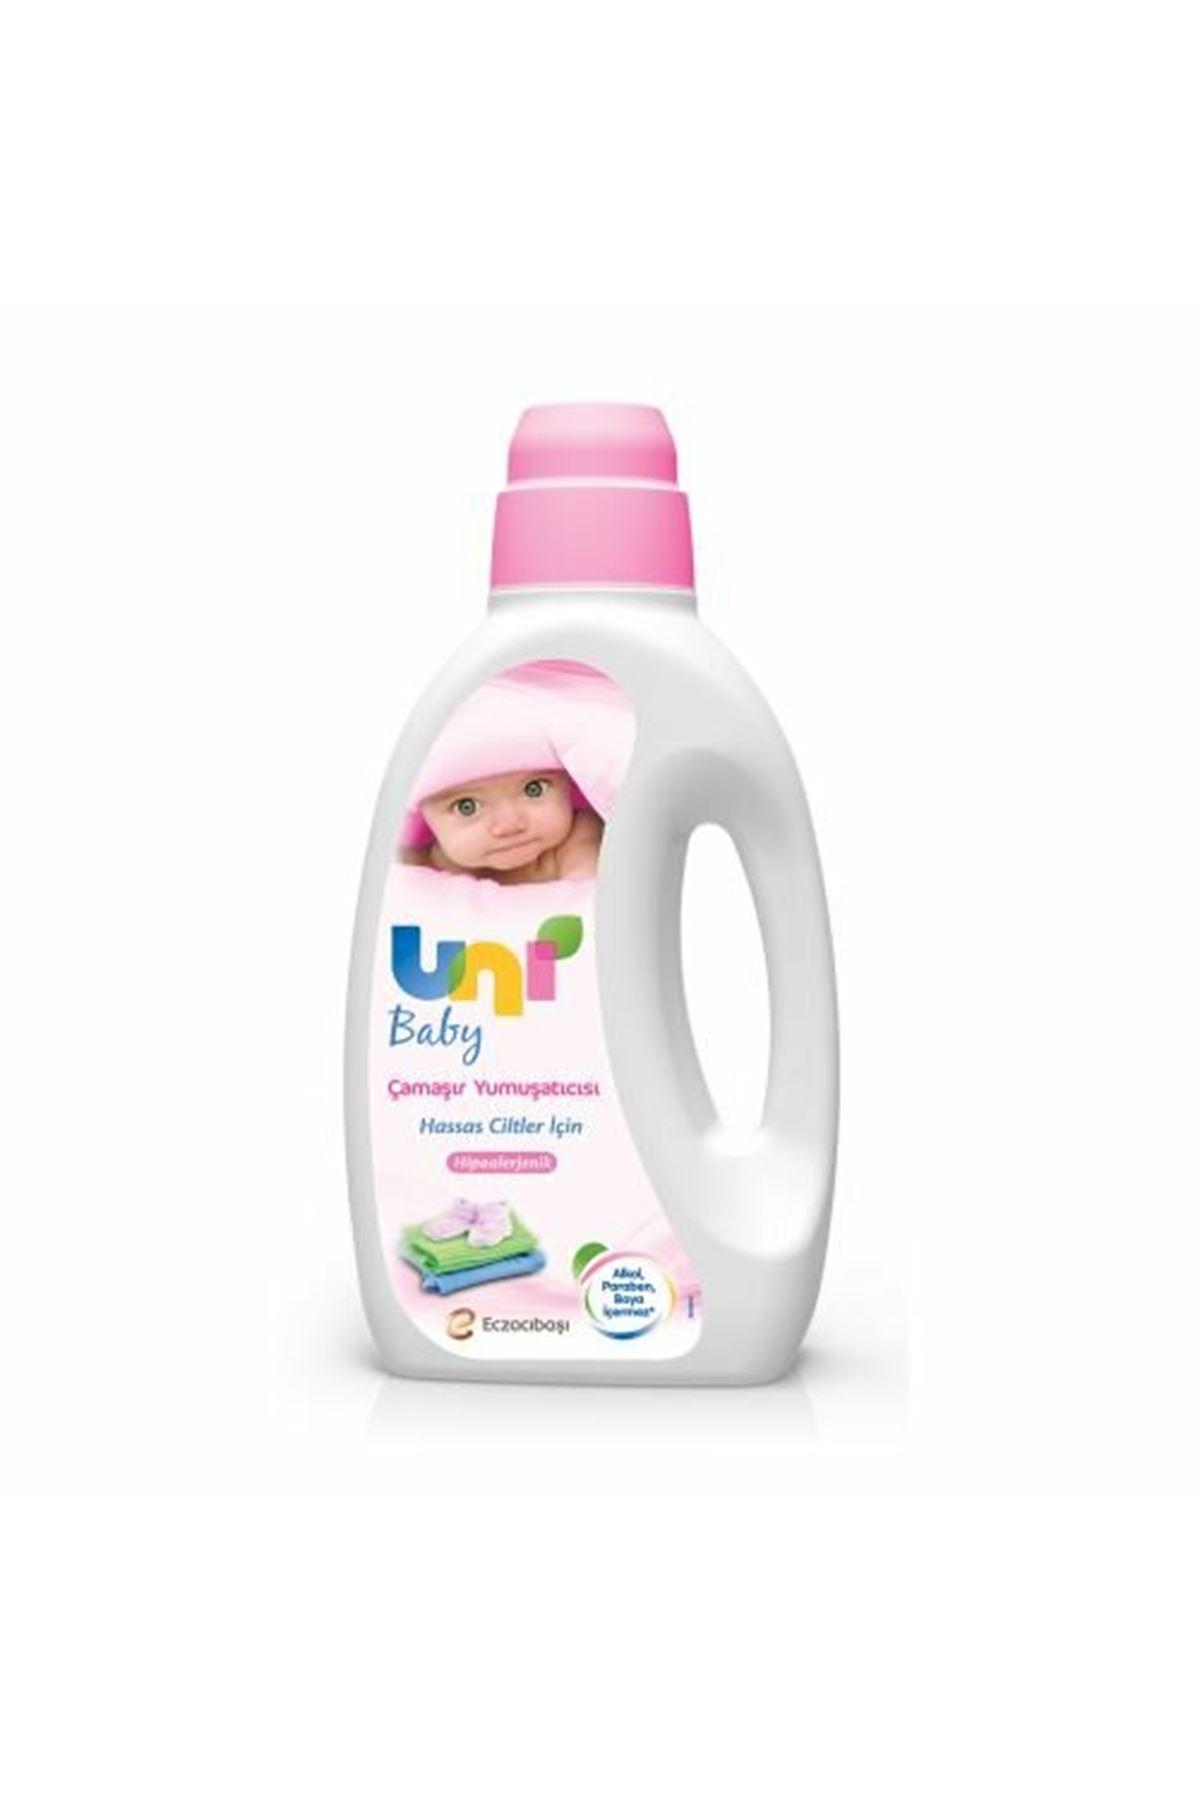 Uni Baby Çamaşır Yumuşatıcı 1800 Ml